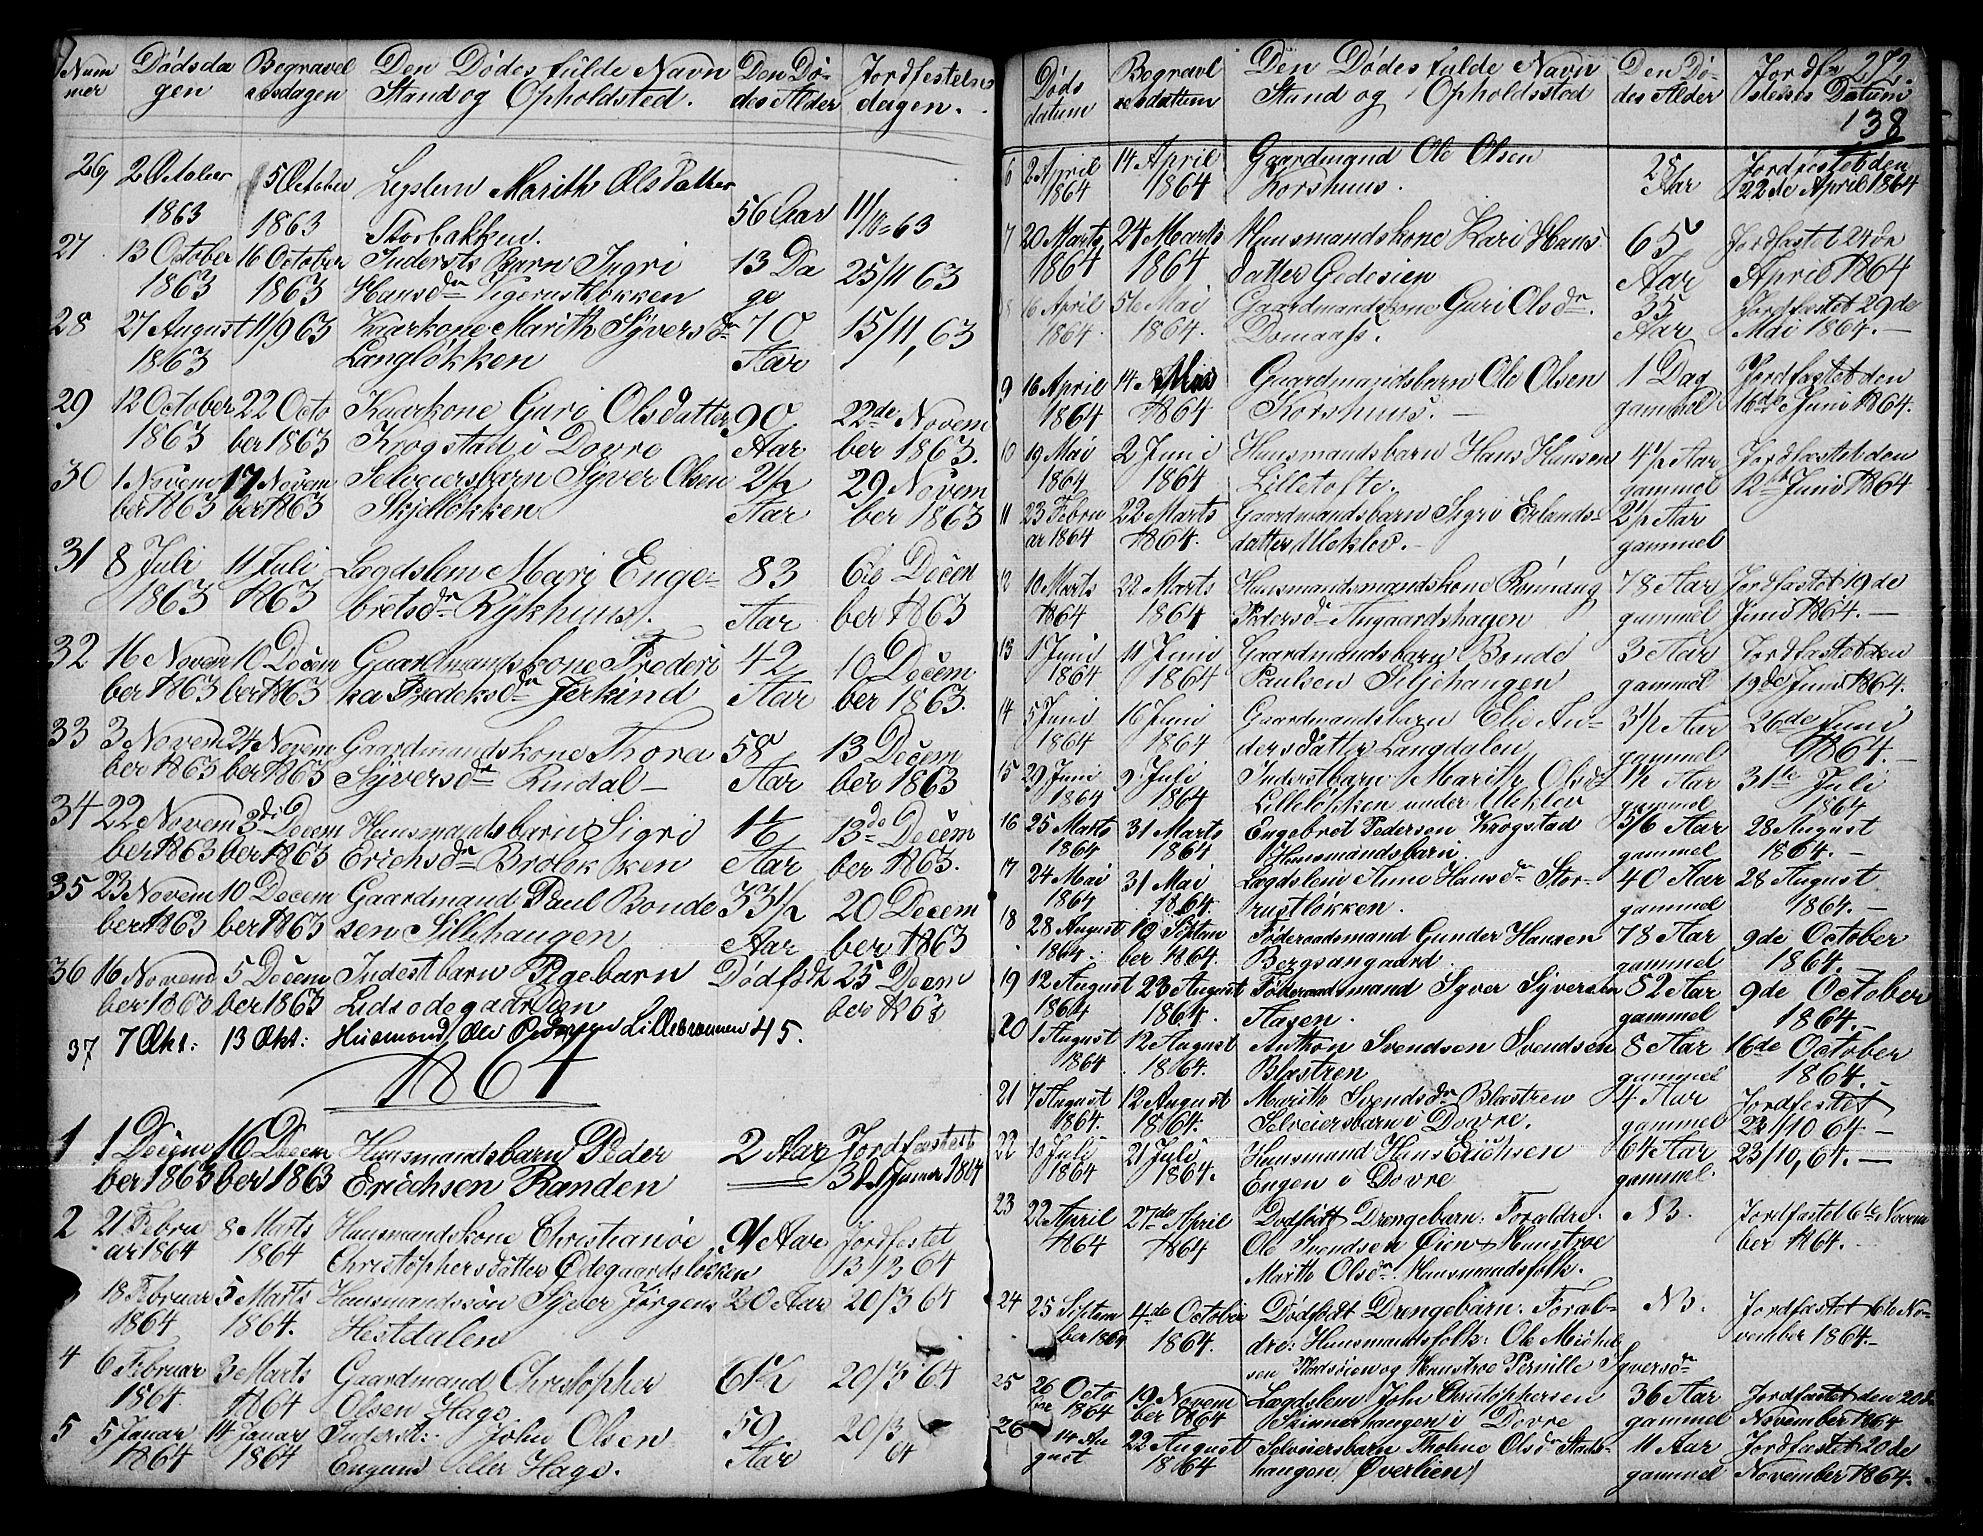 SAH, Dovre prestekontor, Klokkerbok nr. 1, 1862-1880, s. 272